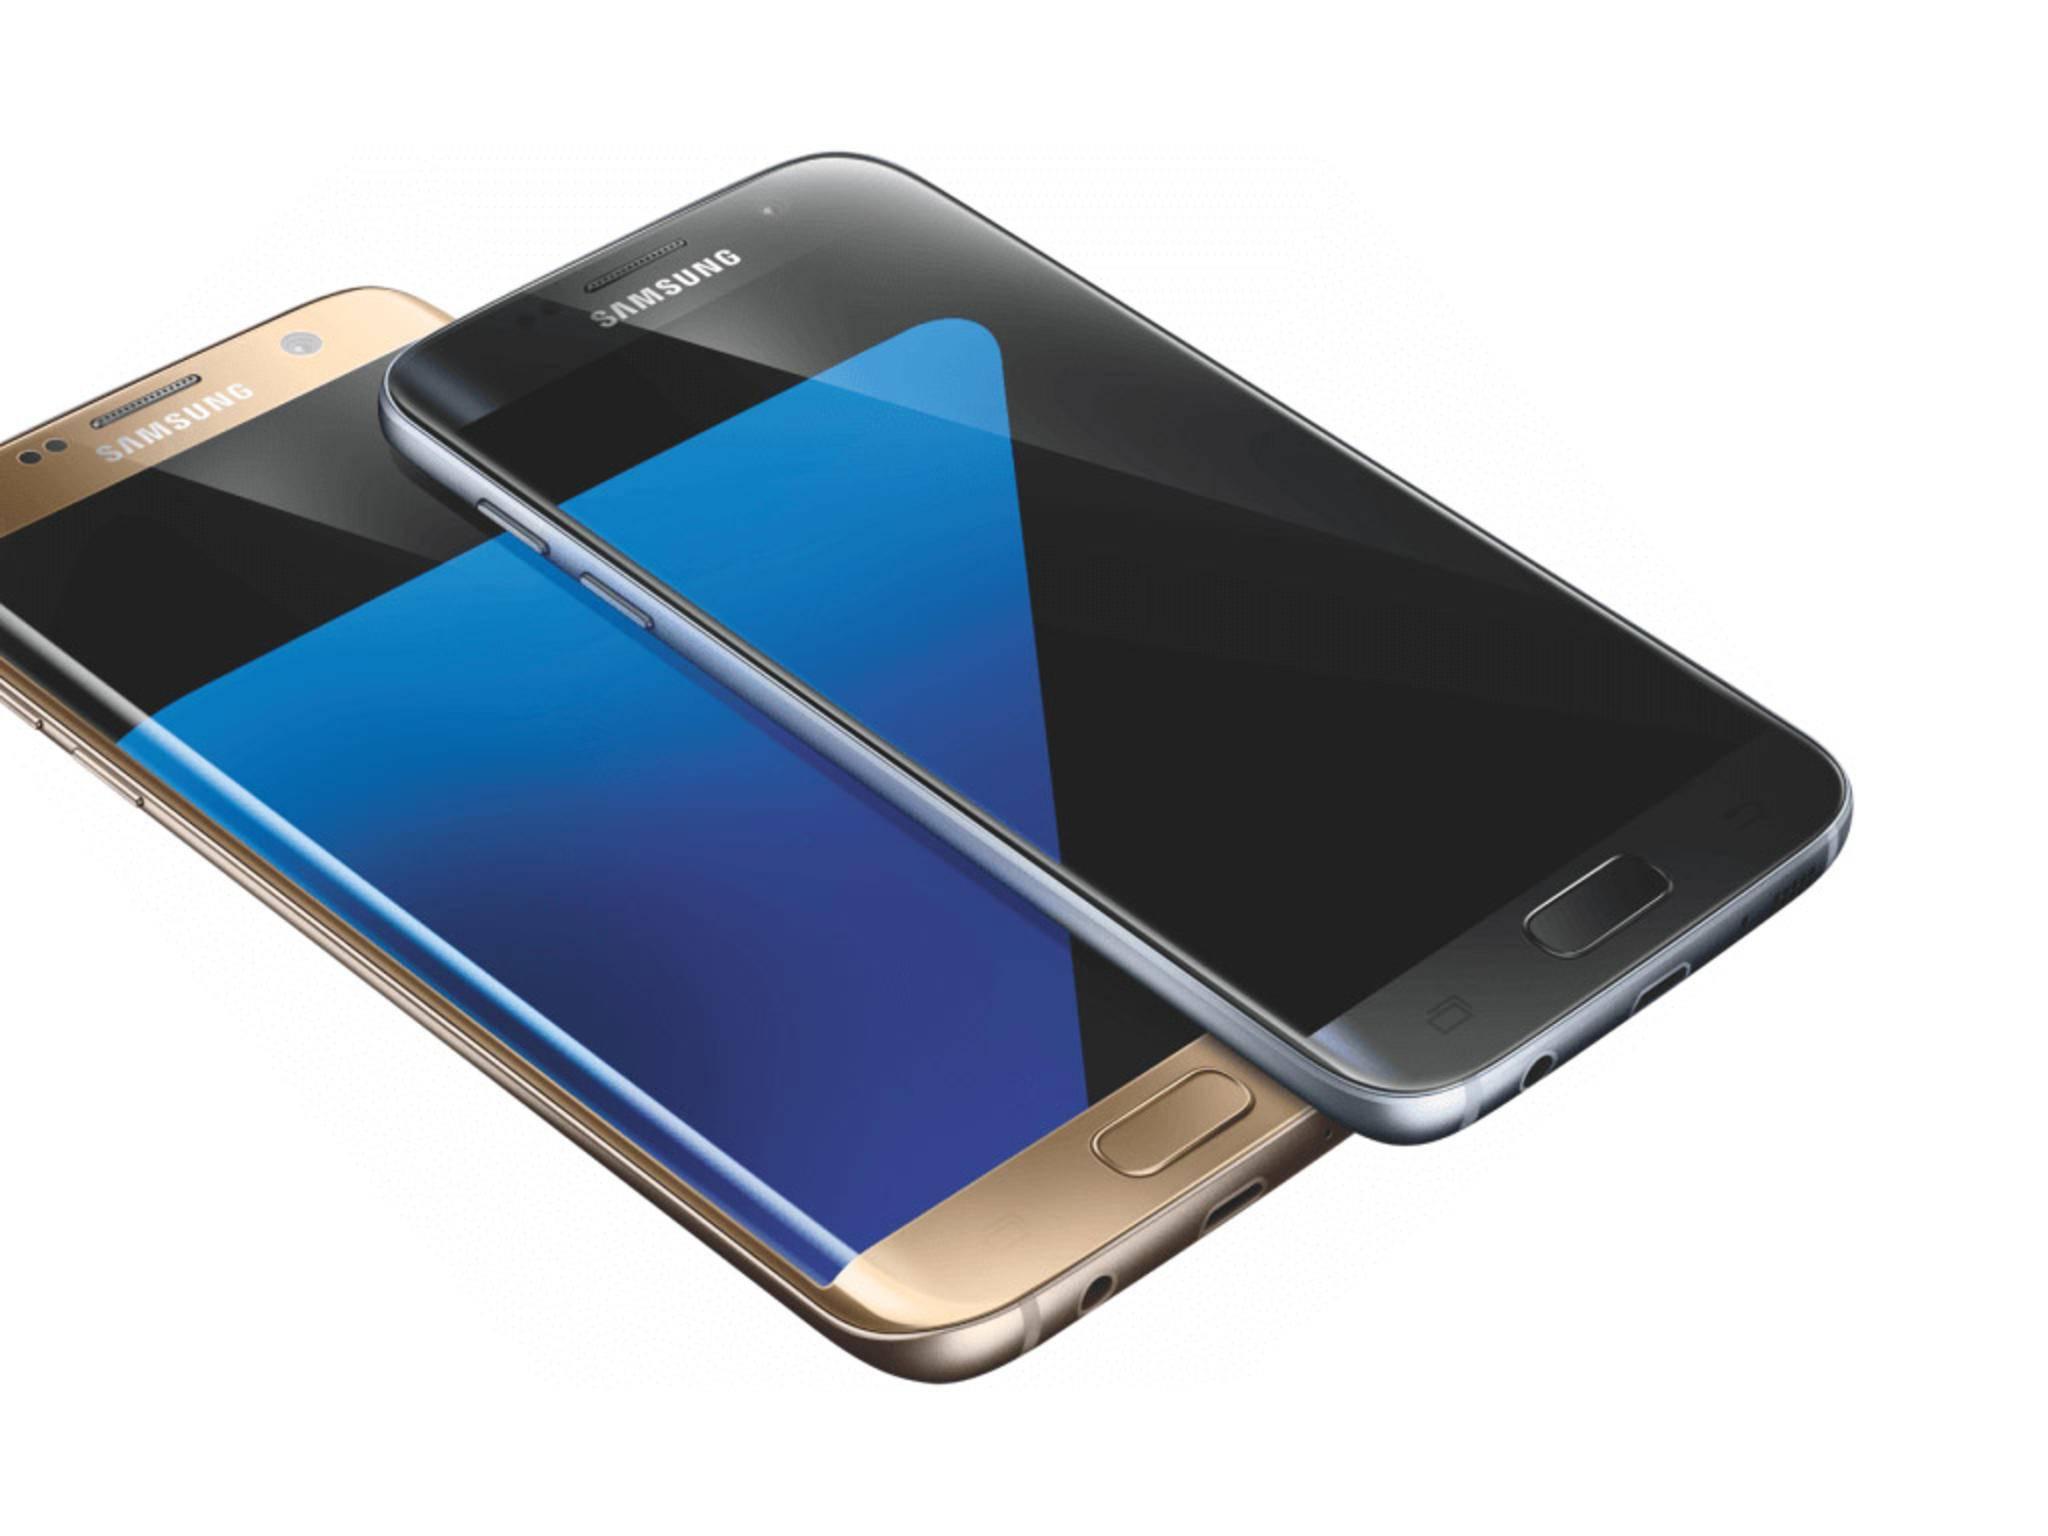 So sollen das Galaxy S7 und das Galaxy S7 edge aussehen.